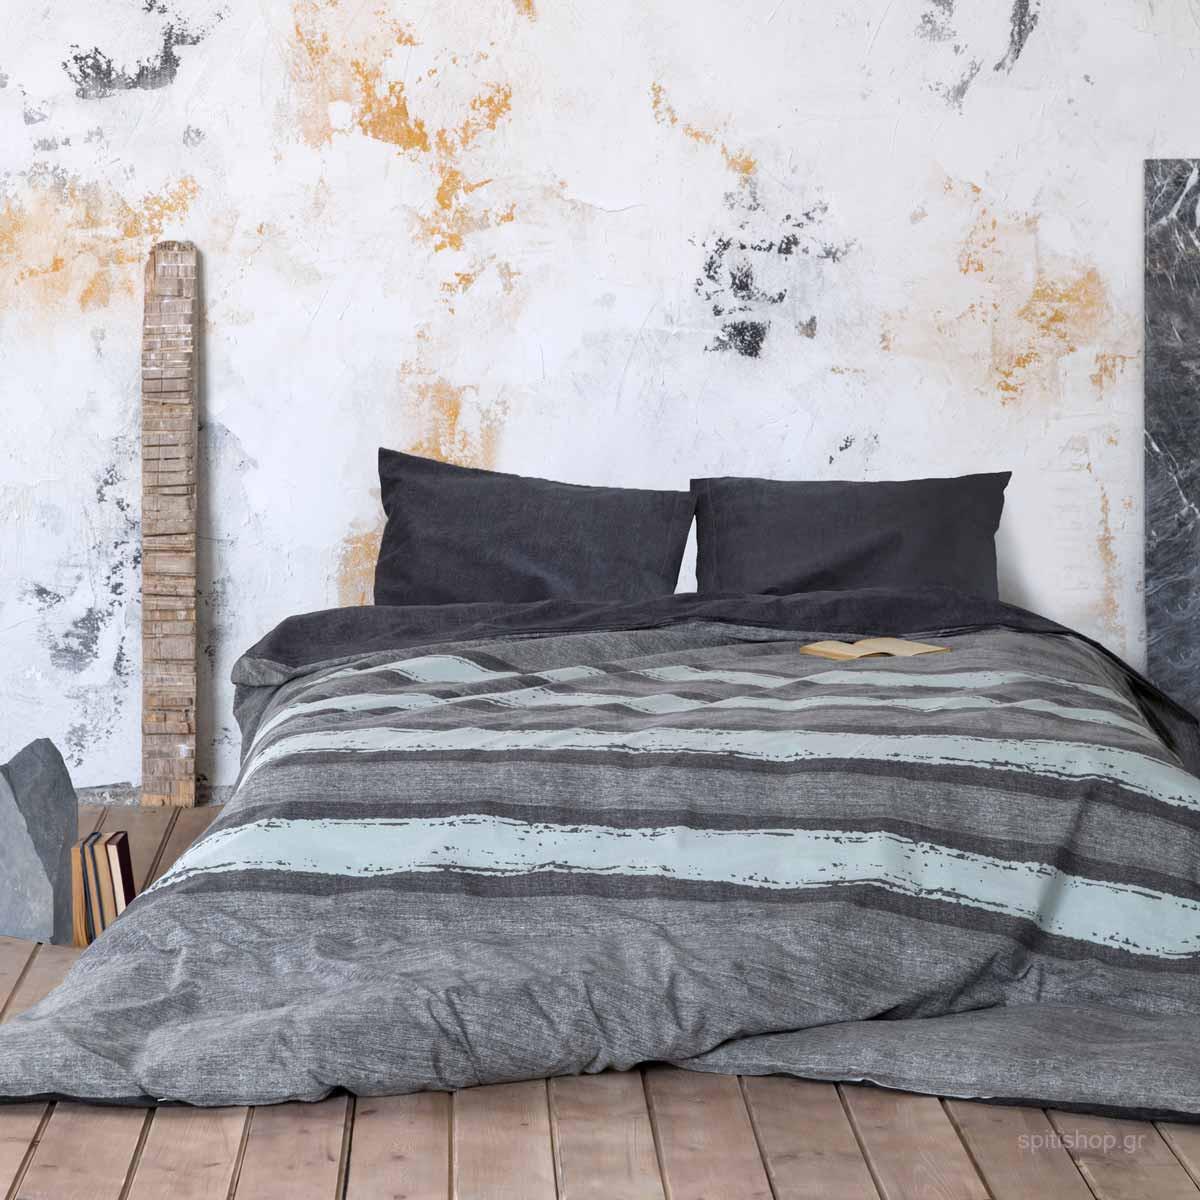 Σεντόνια Υπέρδιπλα (Σετ) Nima Bed Linen Unity ΧΩΡΙΣ ΛΑΣΤΙΧΟ 240×260 ΧΩΡΙΣ ΛΑΣΤΙΧΟ 240×260